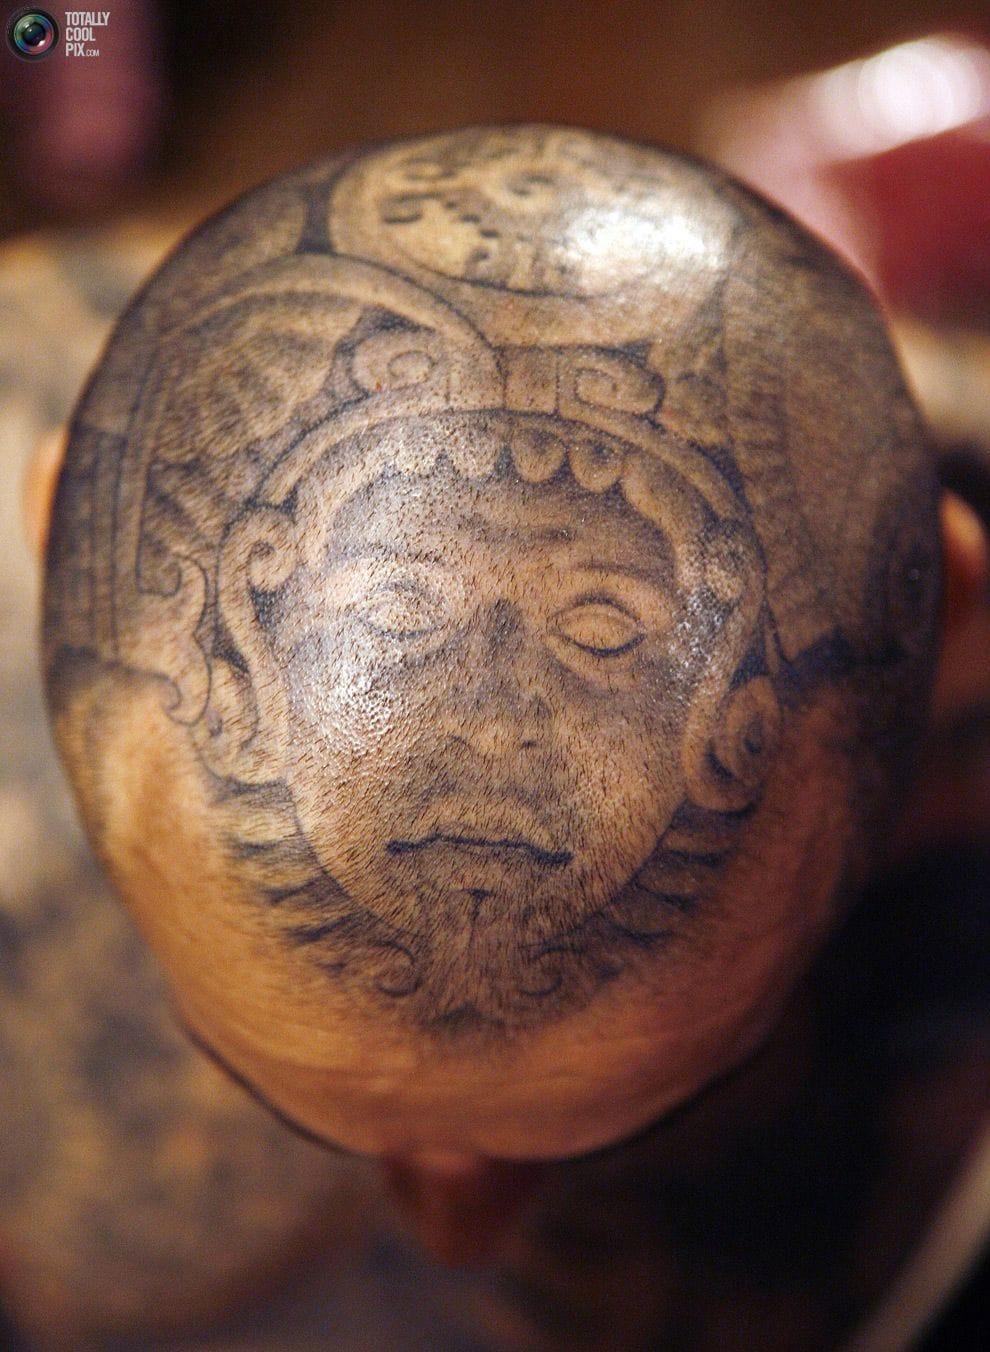 Mayan scalp piece.